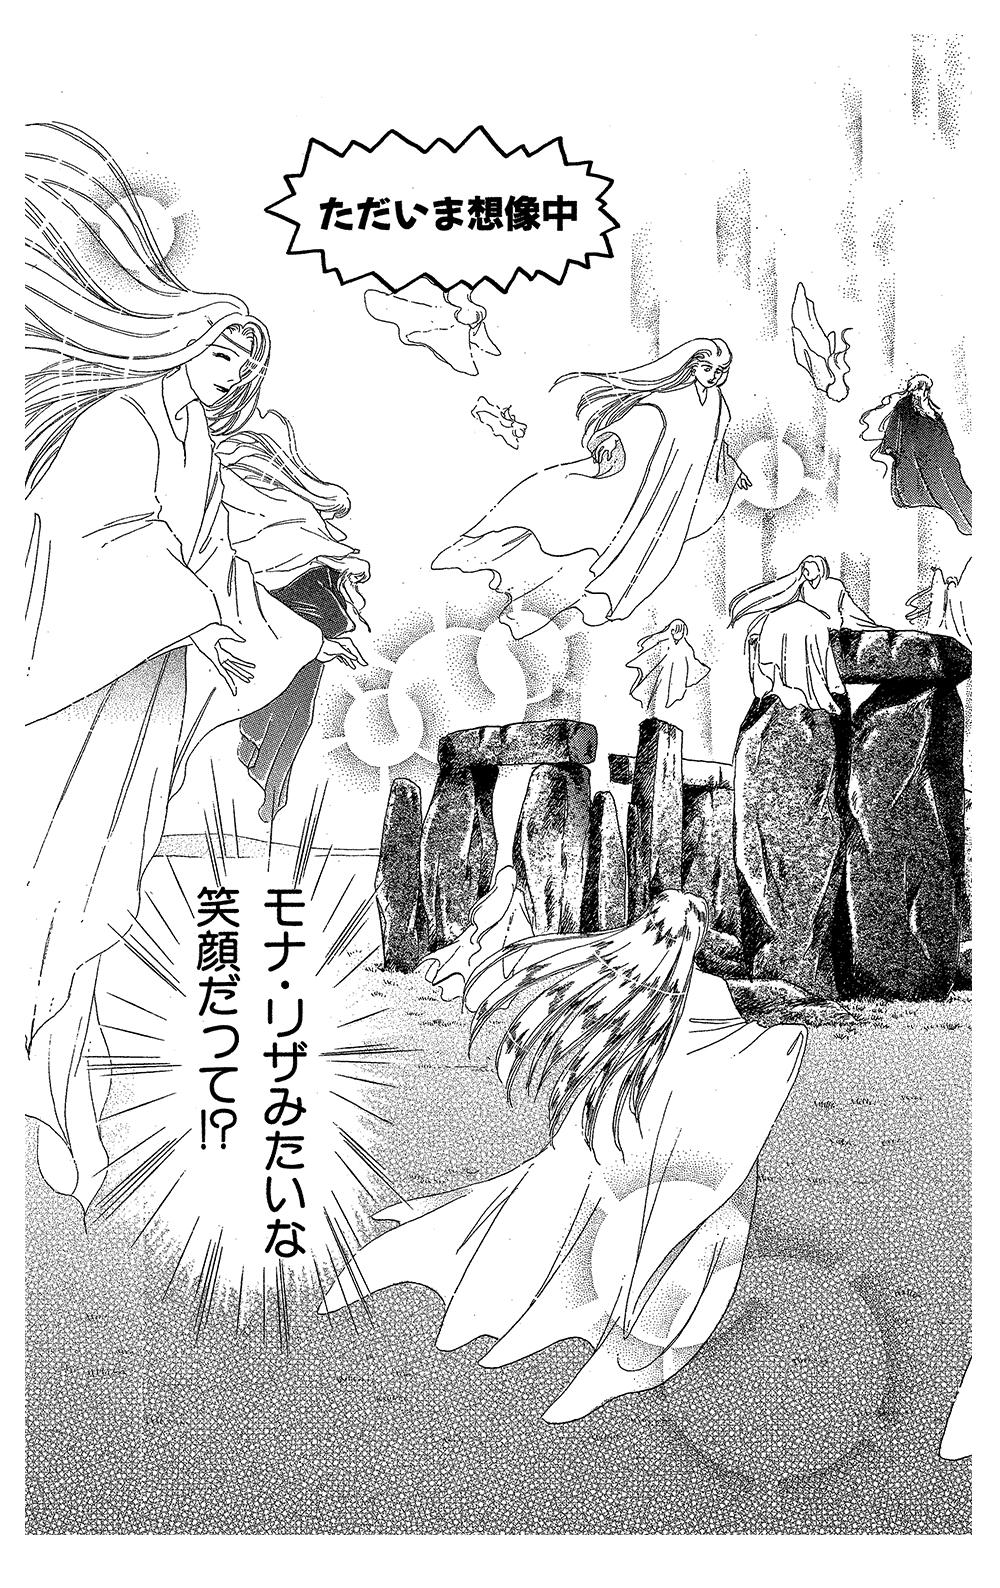 霊感ママシリーズ 第3話「英国ミステリーツアー」③reikanmama-02-93.jpg